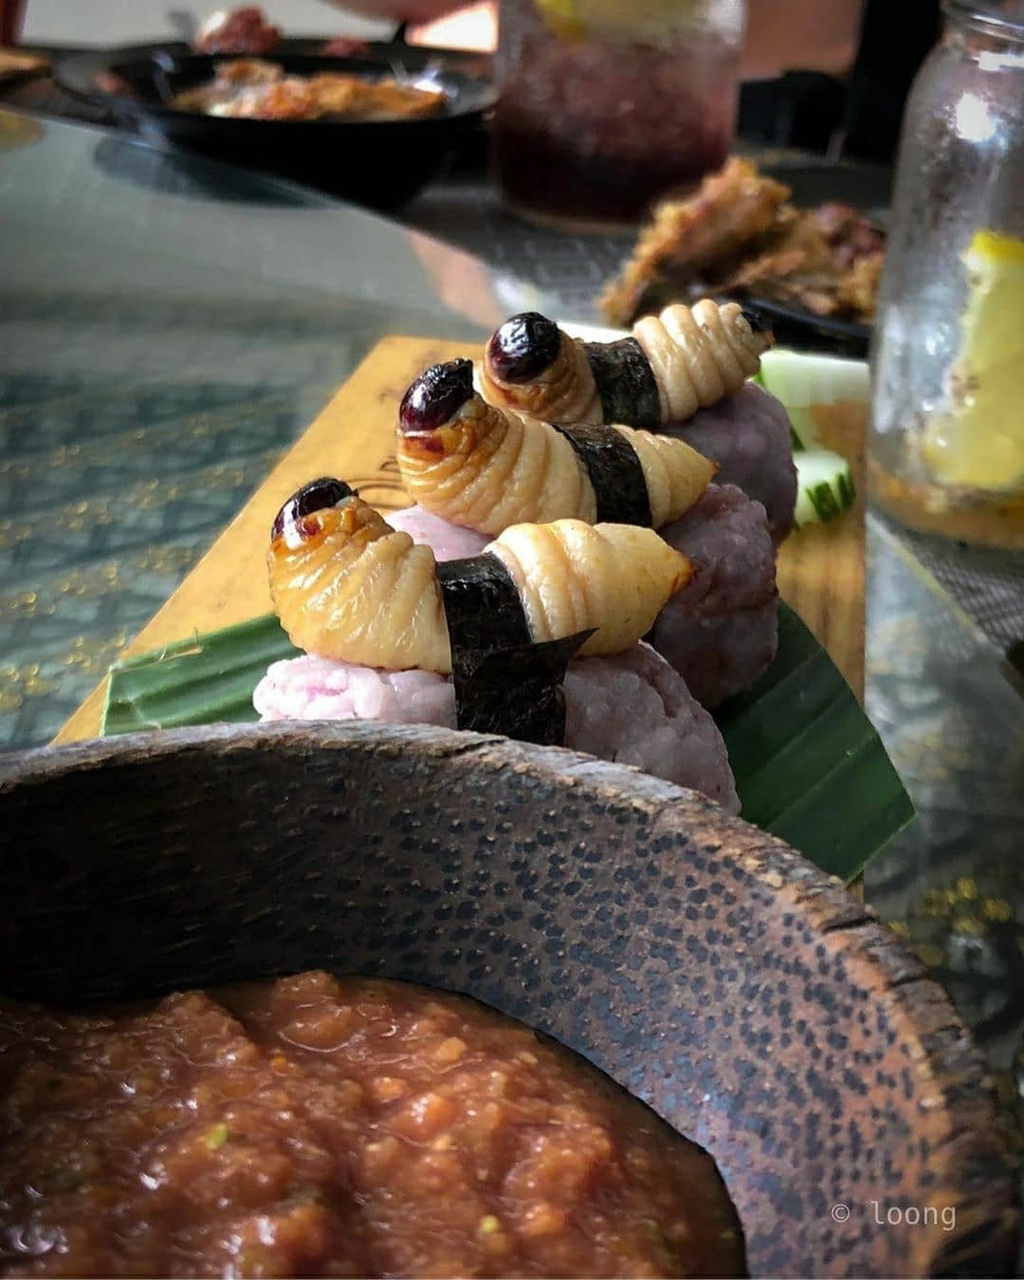 kham-pha-mon-sushi-duong-dua-ky-la-o-malaysia-ivivu-6